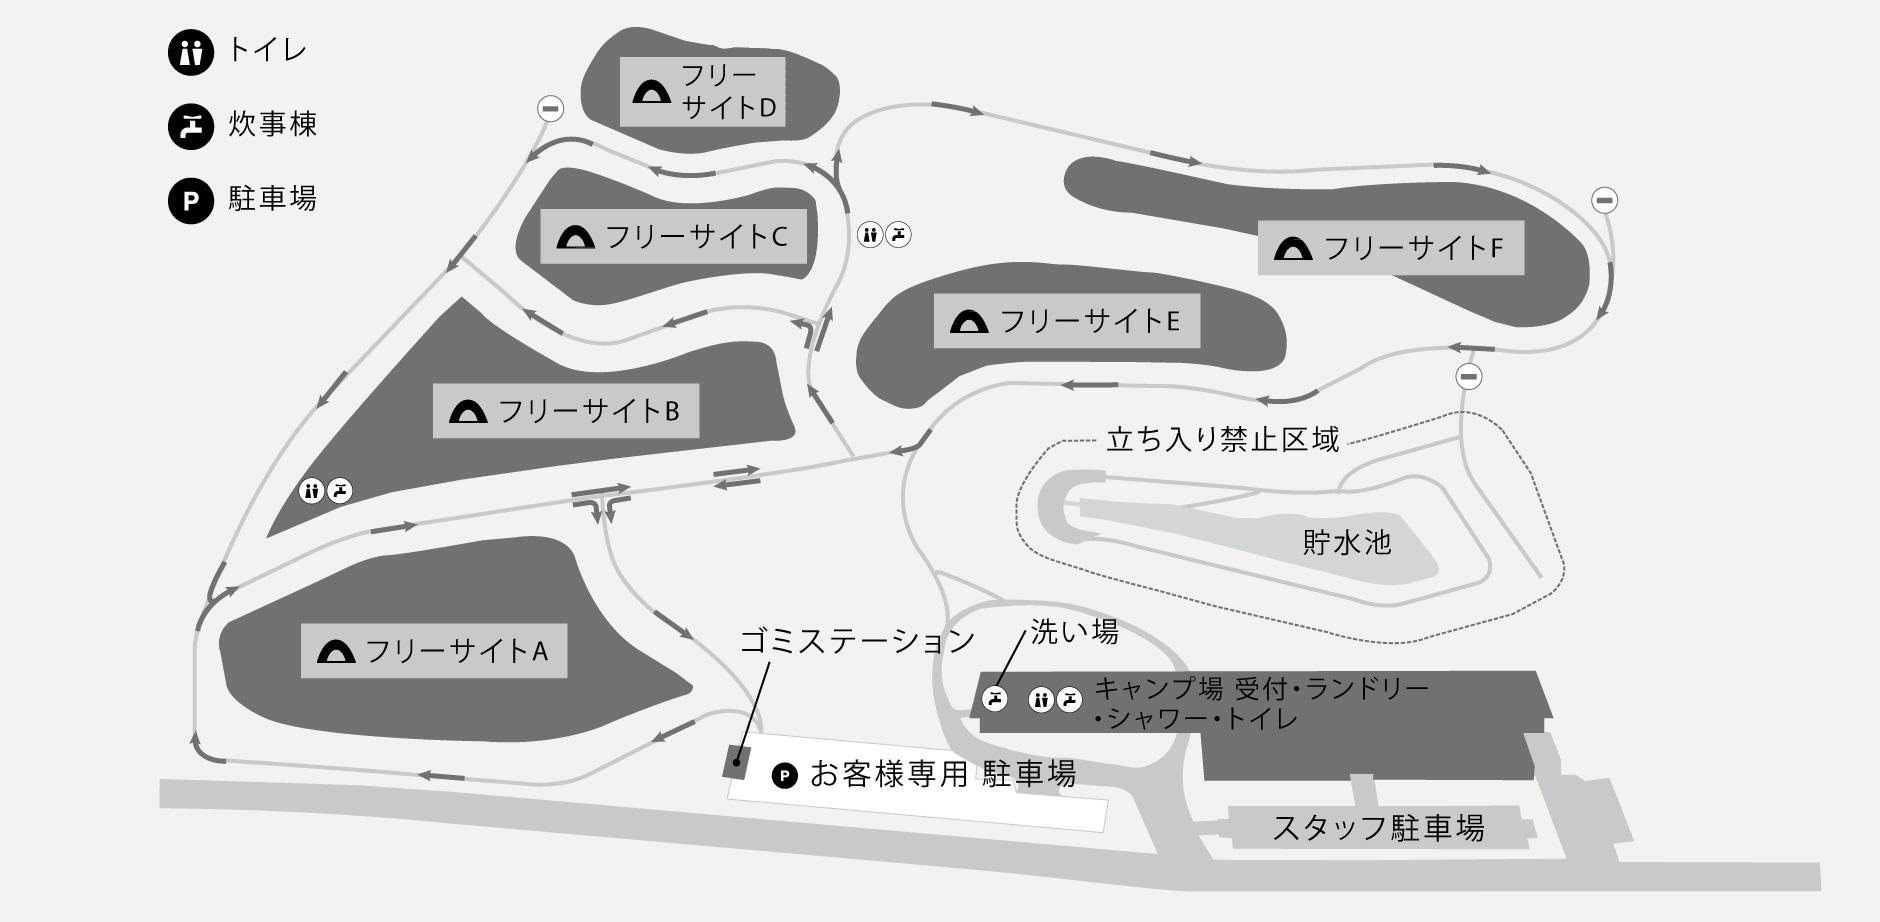 スノーピーク本社キャンプ場マップ